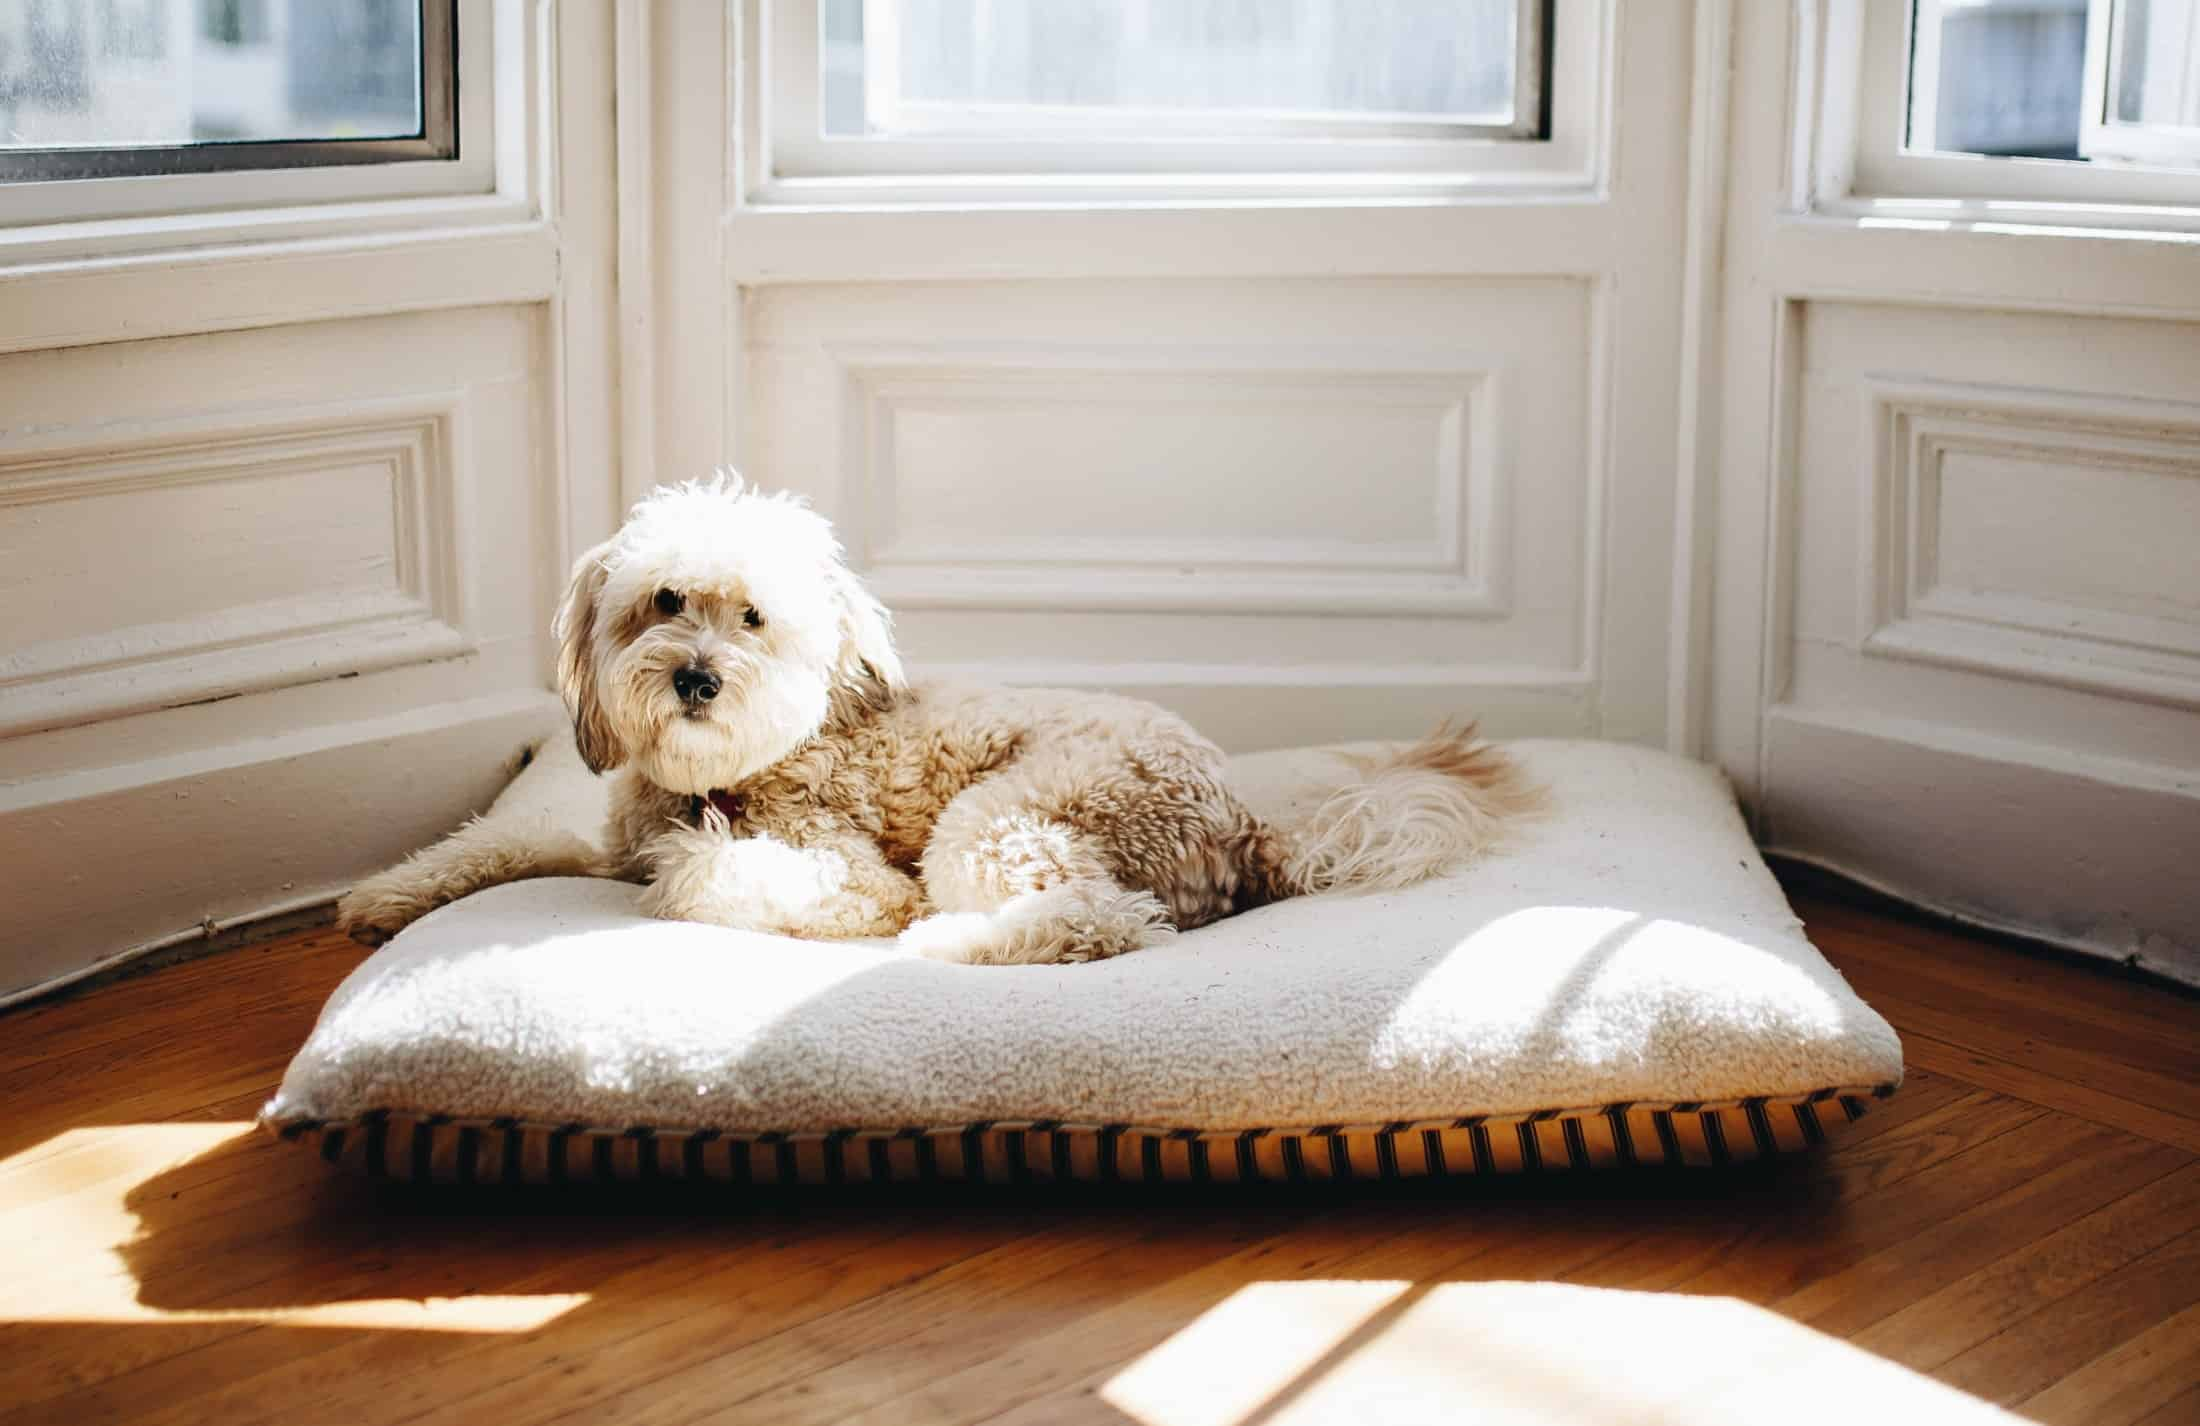 Hundebett: Test & Empfehlungen (04/21)